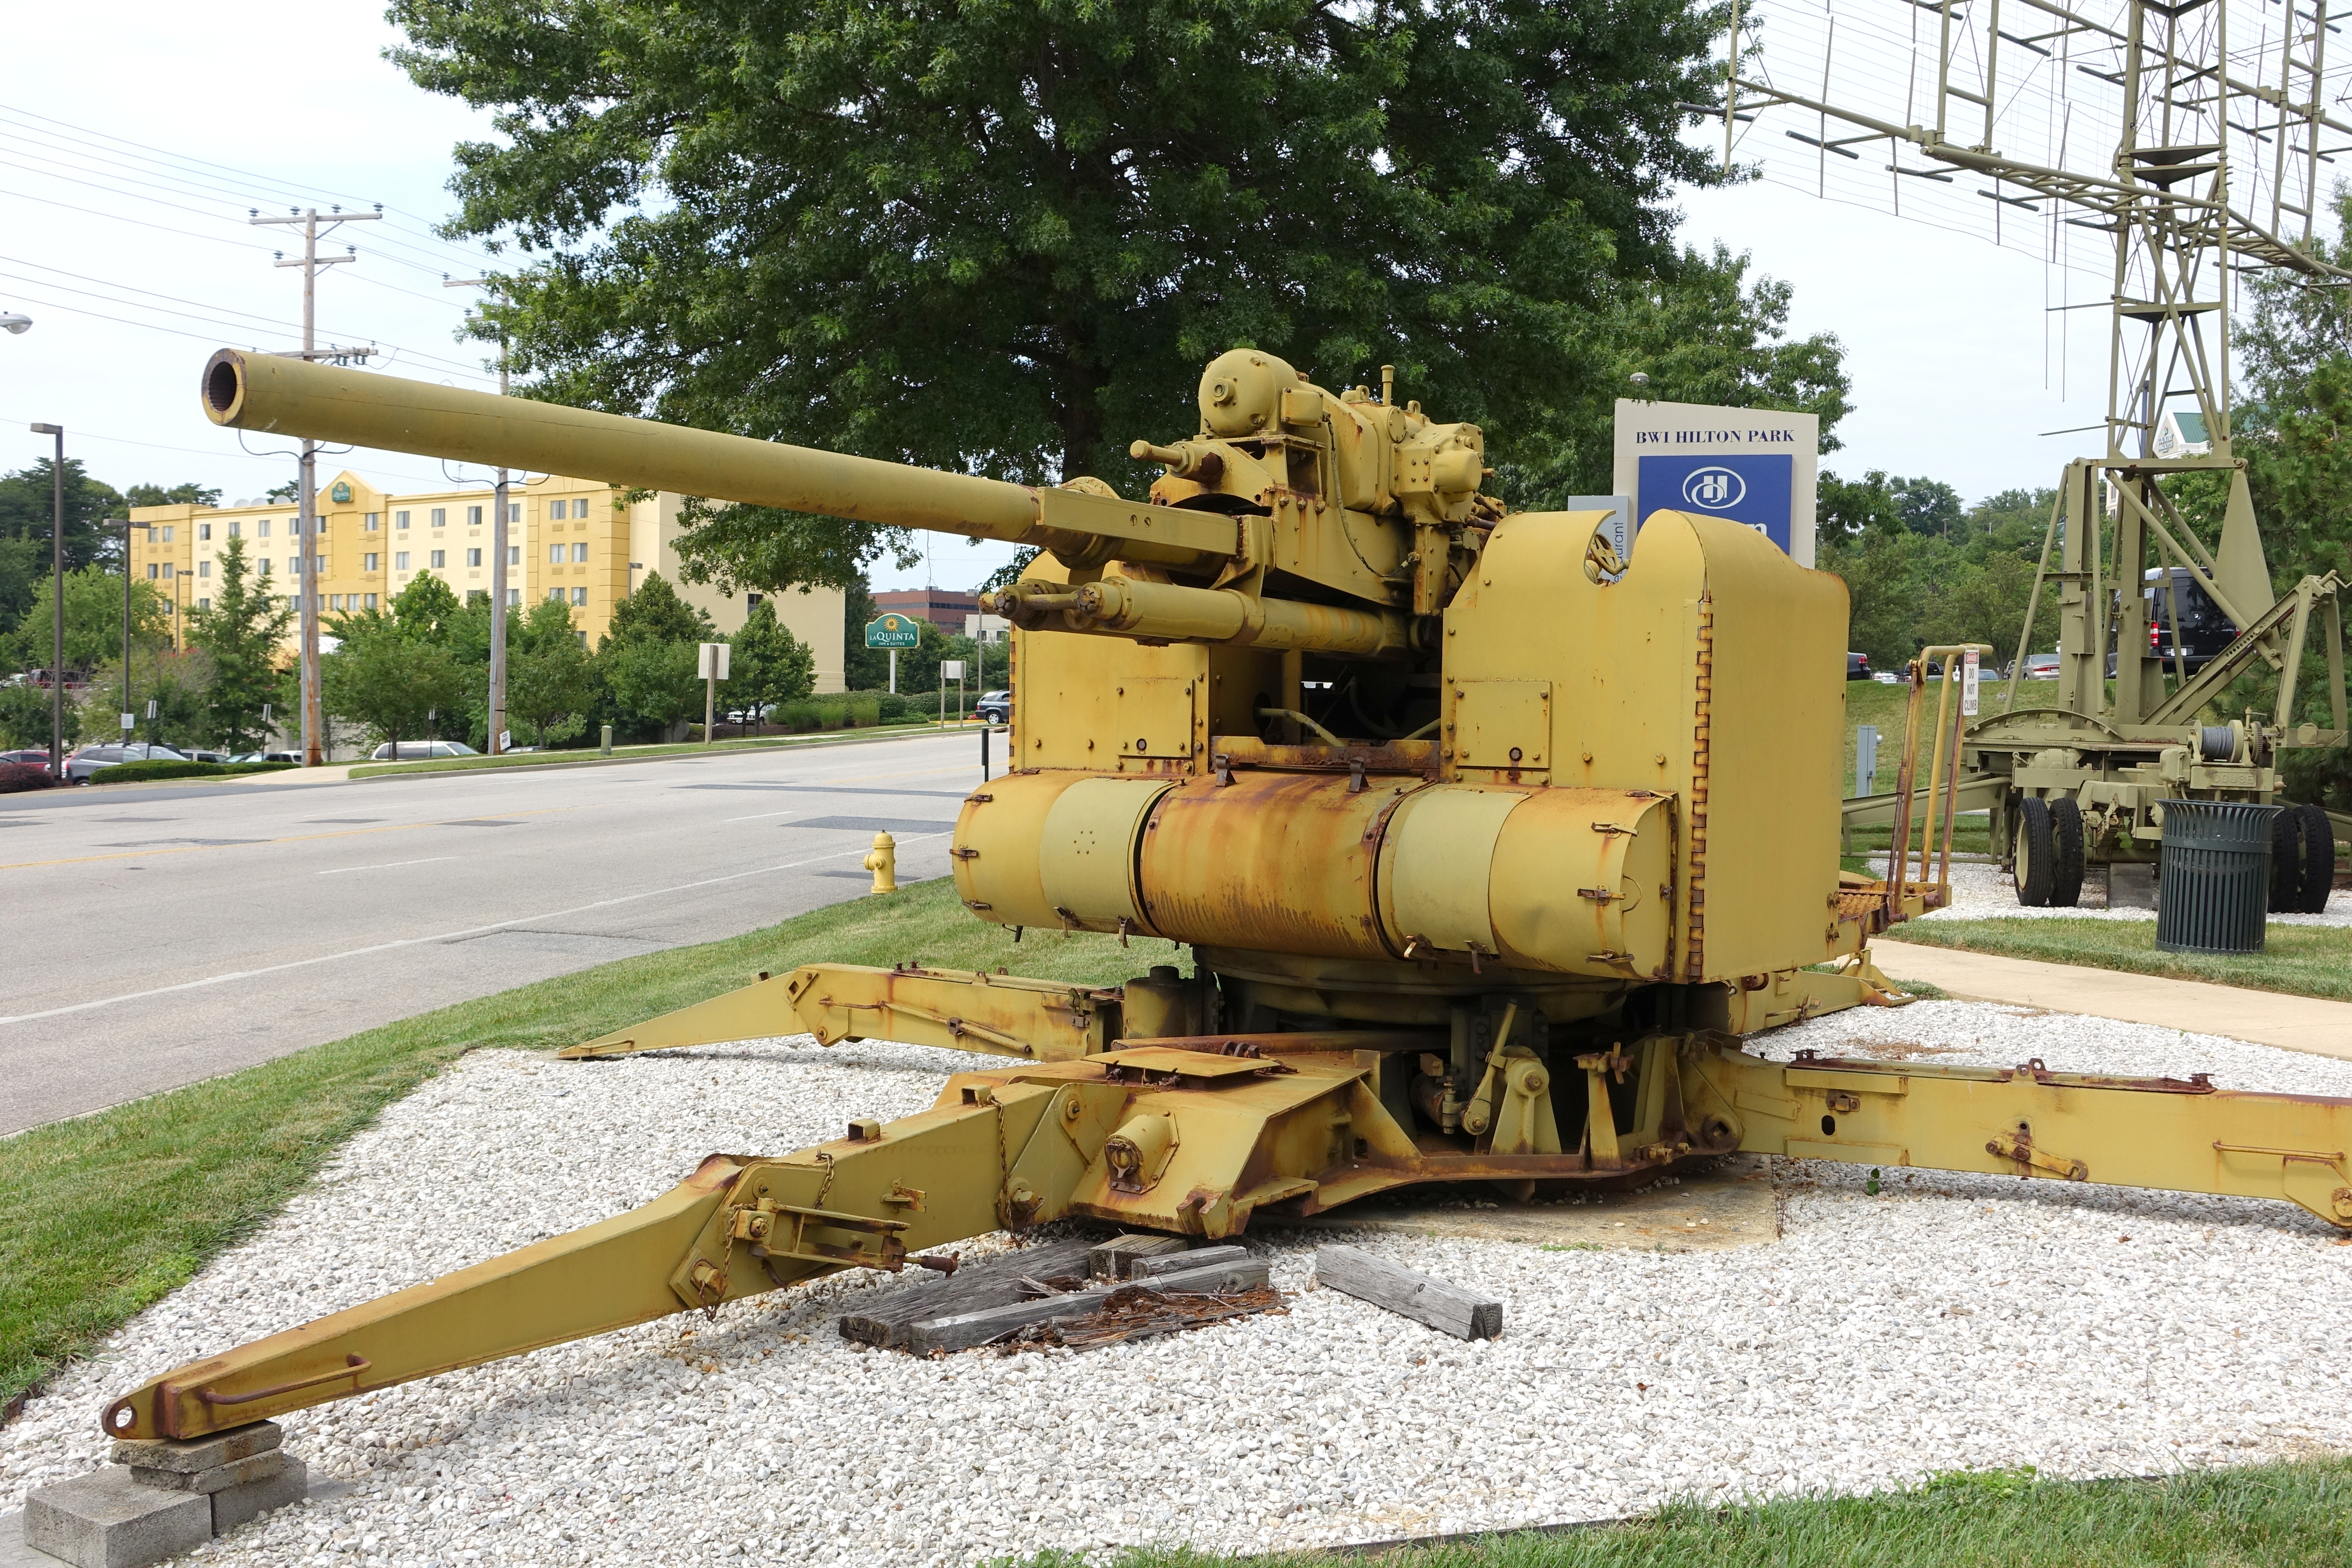 Filemm AntiAircraft Gun USA World War II View  National - Gun museums in usa